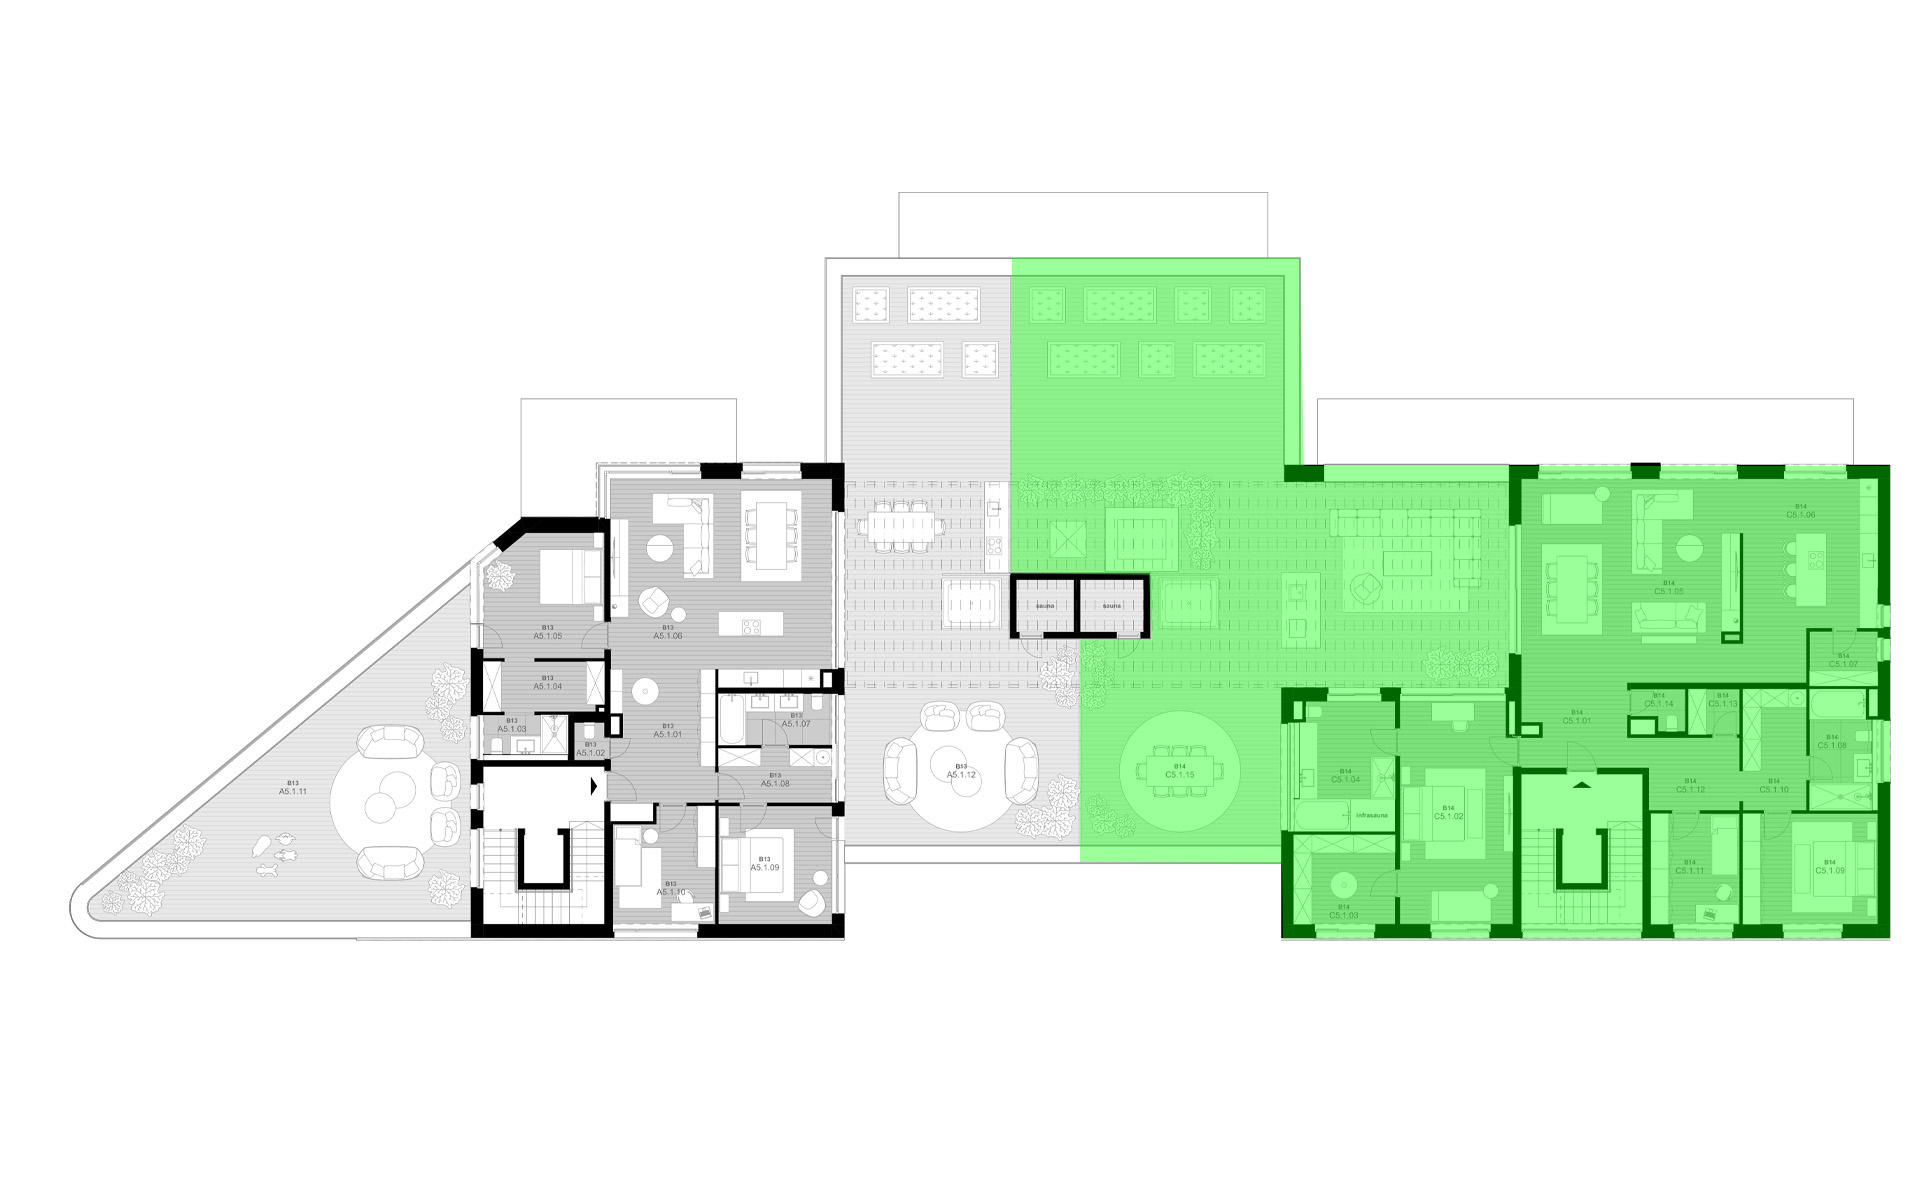 rezidencia K Železnej Studienke - pôdorys so zvýraznením apartmánu C1.2